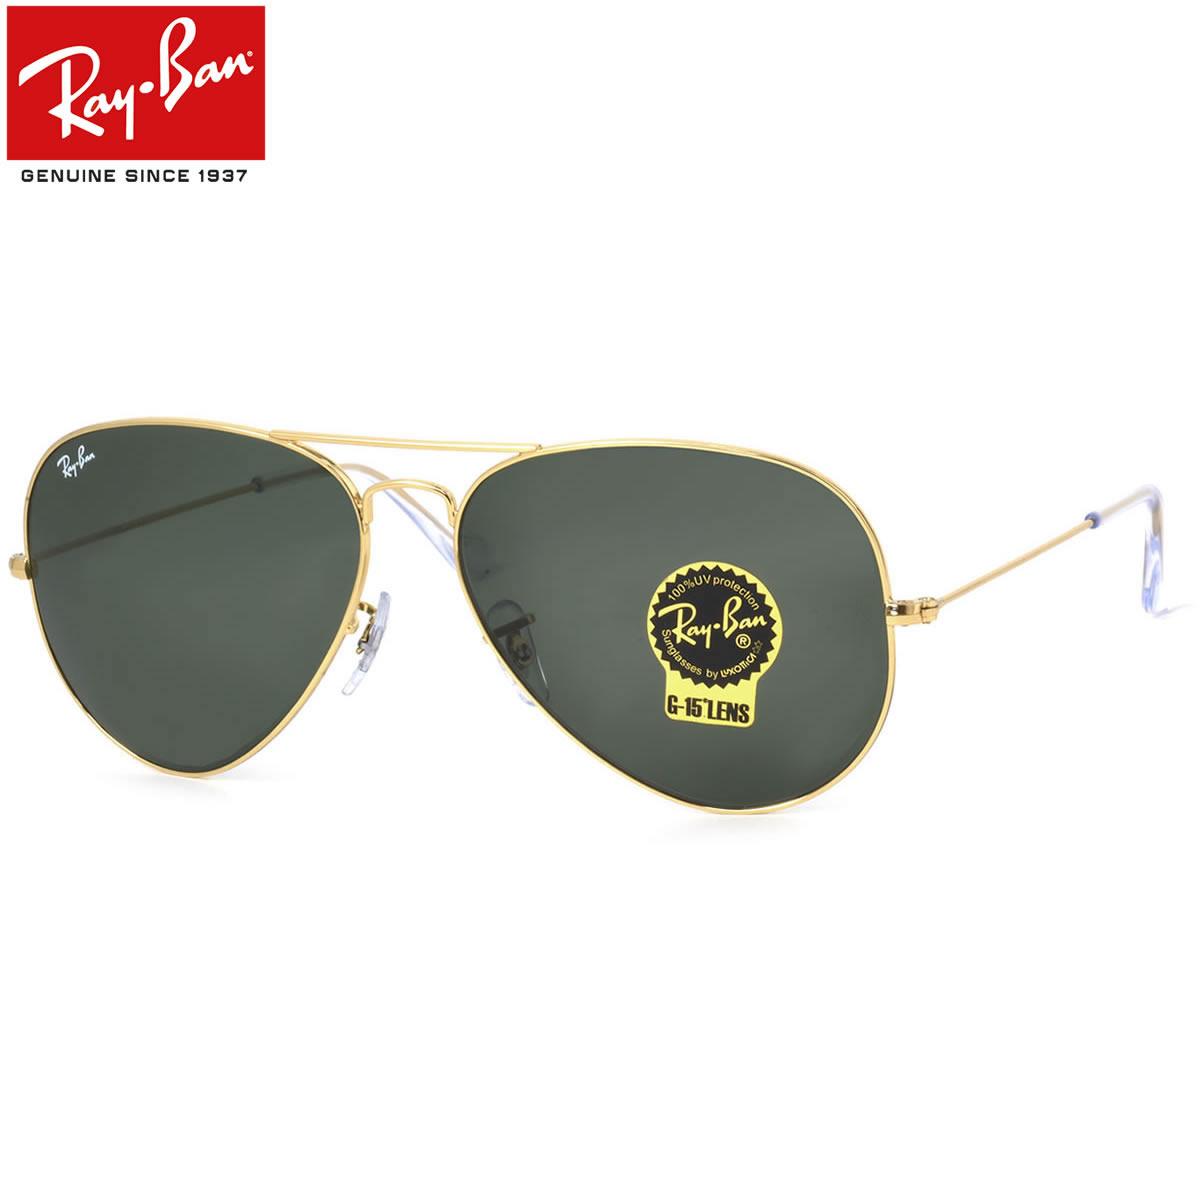 【Ray-Ban】(レイバン) アビエーター ラージメタル2 サングラス RB3026 L…...:thats:10003084